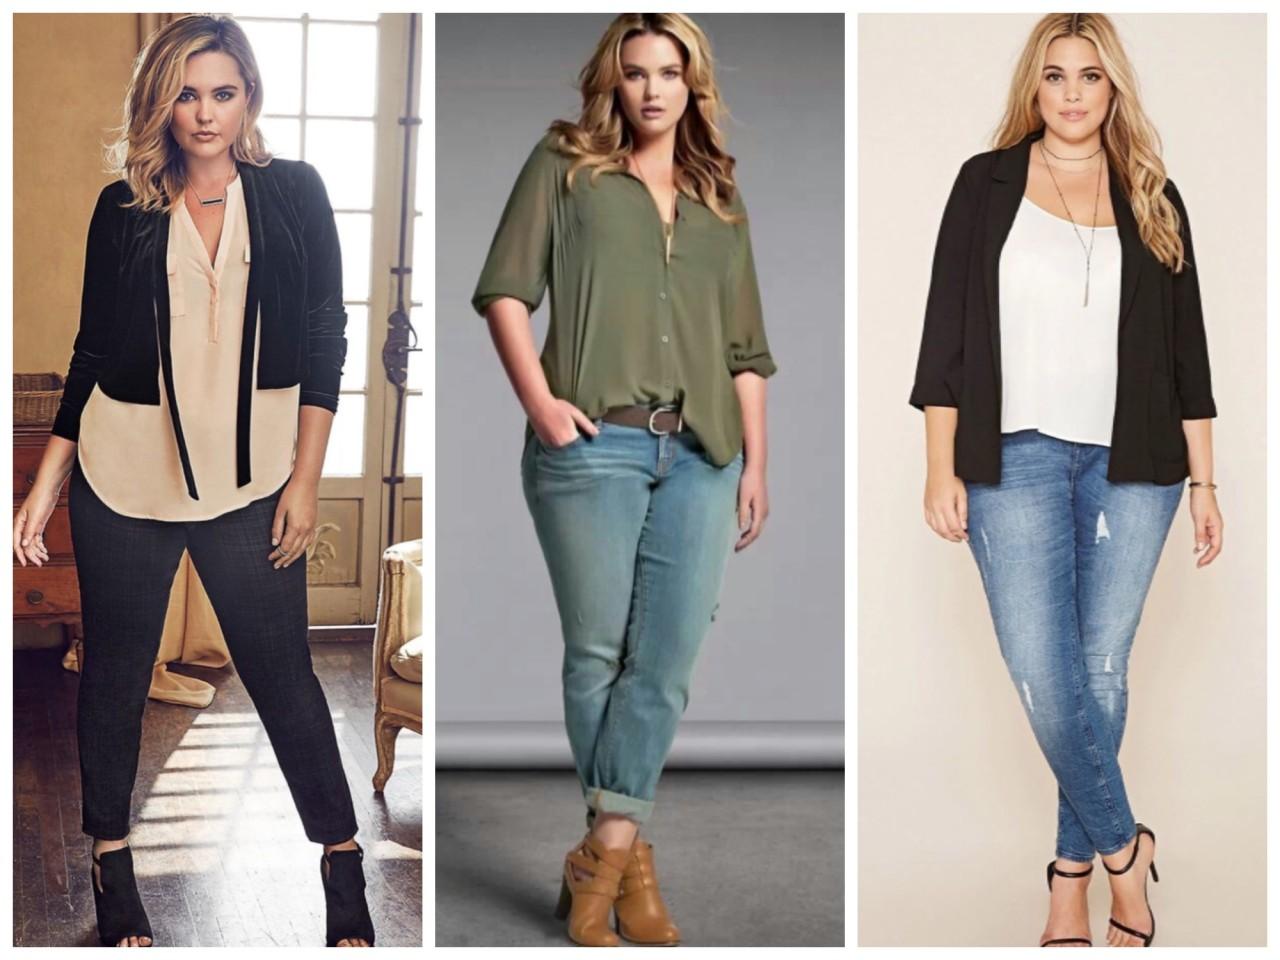 Как одеваться полным женщинам низкого роста: 7 стильных советов